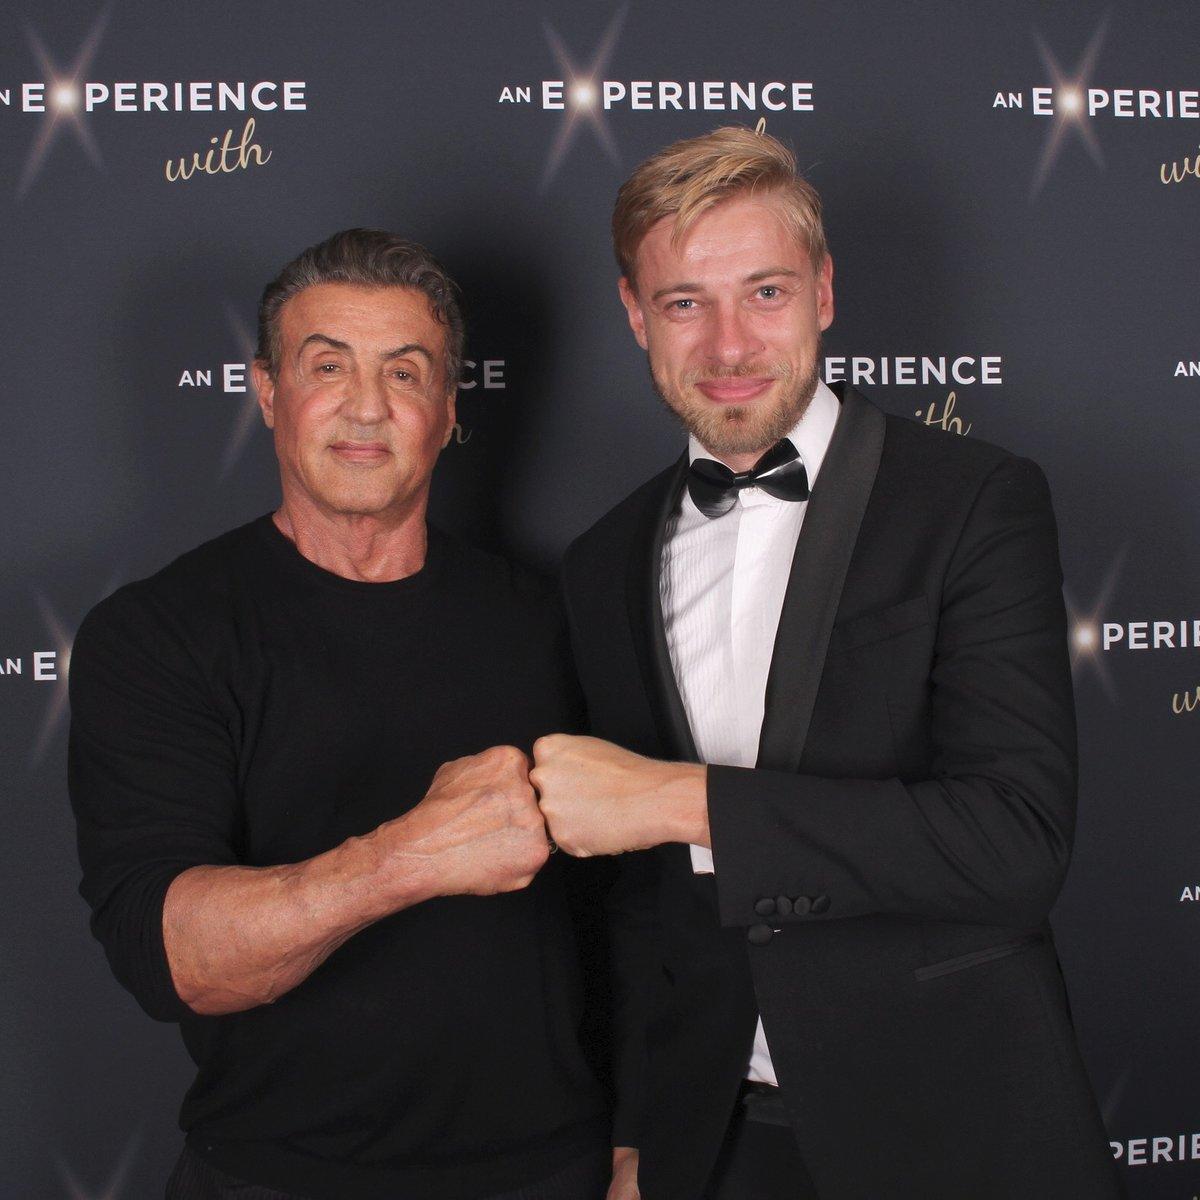 Petr Větrovský se setkal se svým idolem z dětství Sylvestrem Stallonem.